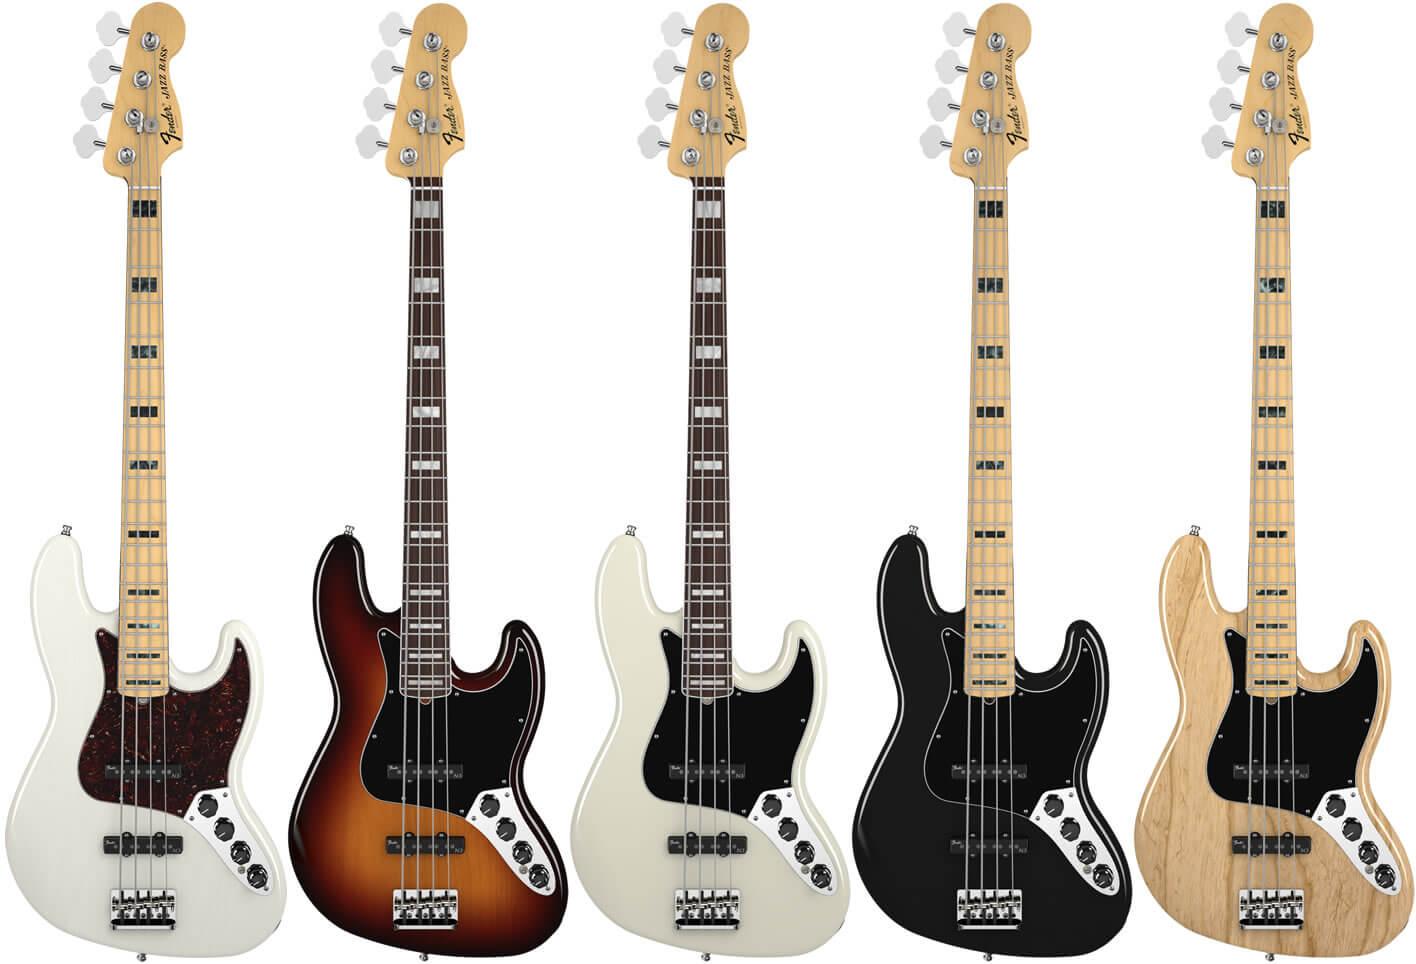 Fender American Deluxe Jazzbass